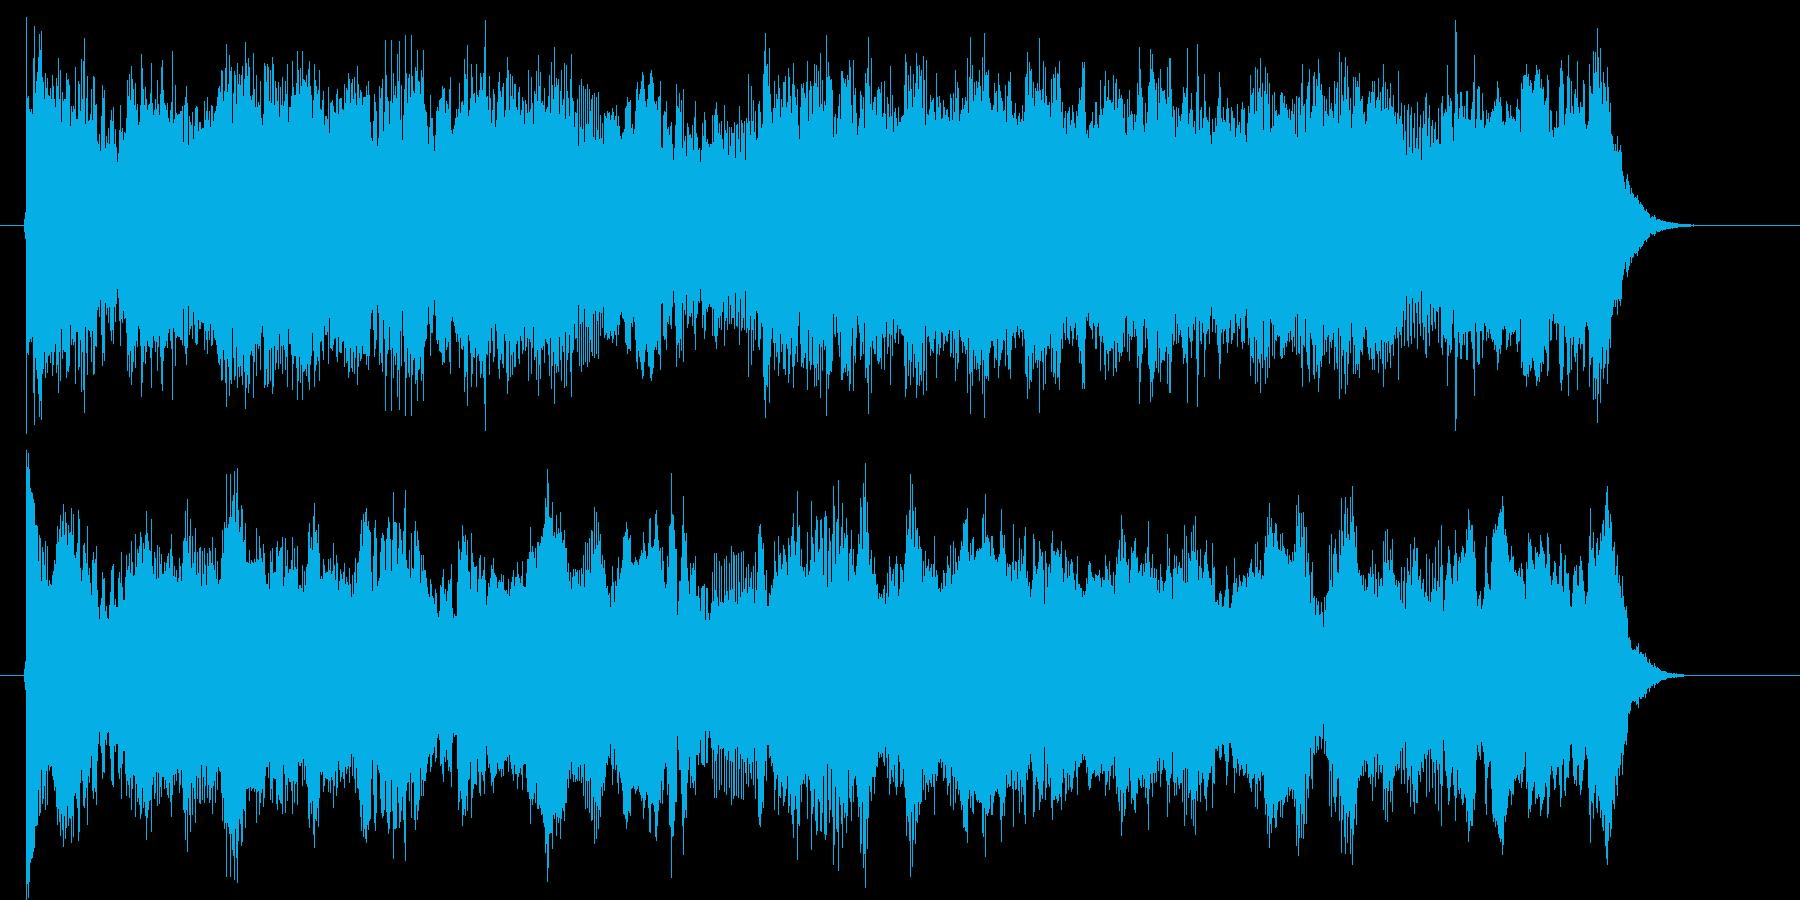 アンバランスなメロディーの再生済みの波形